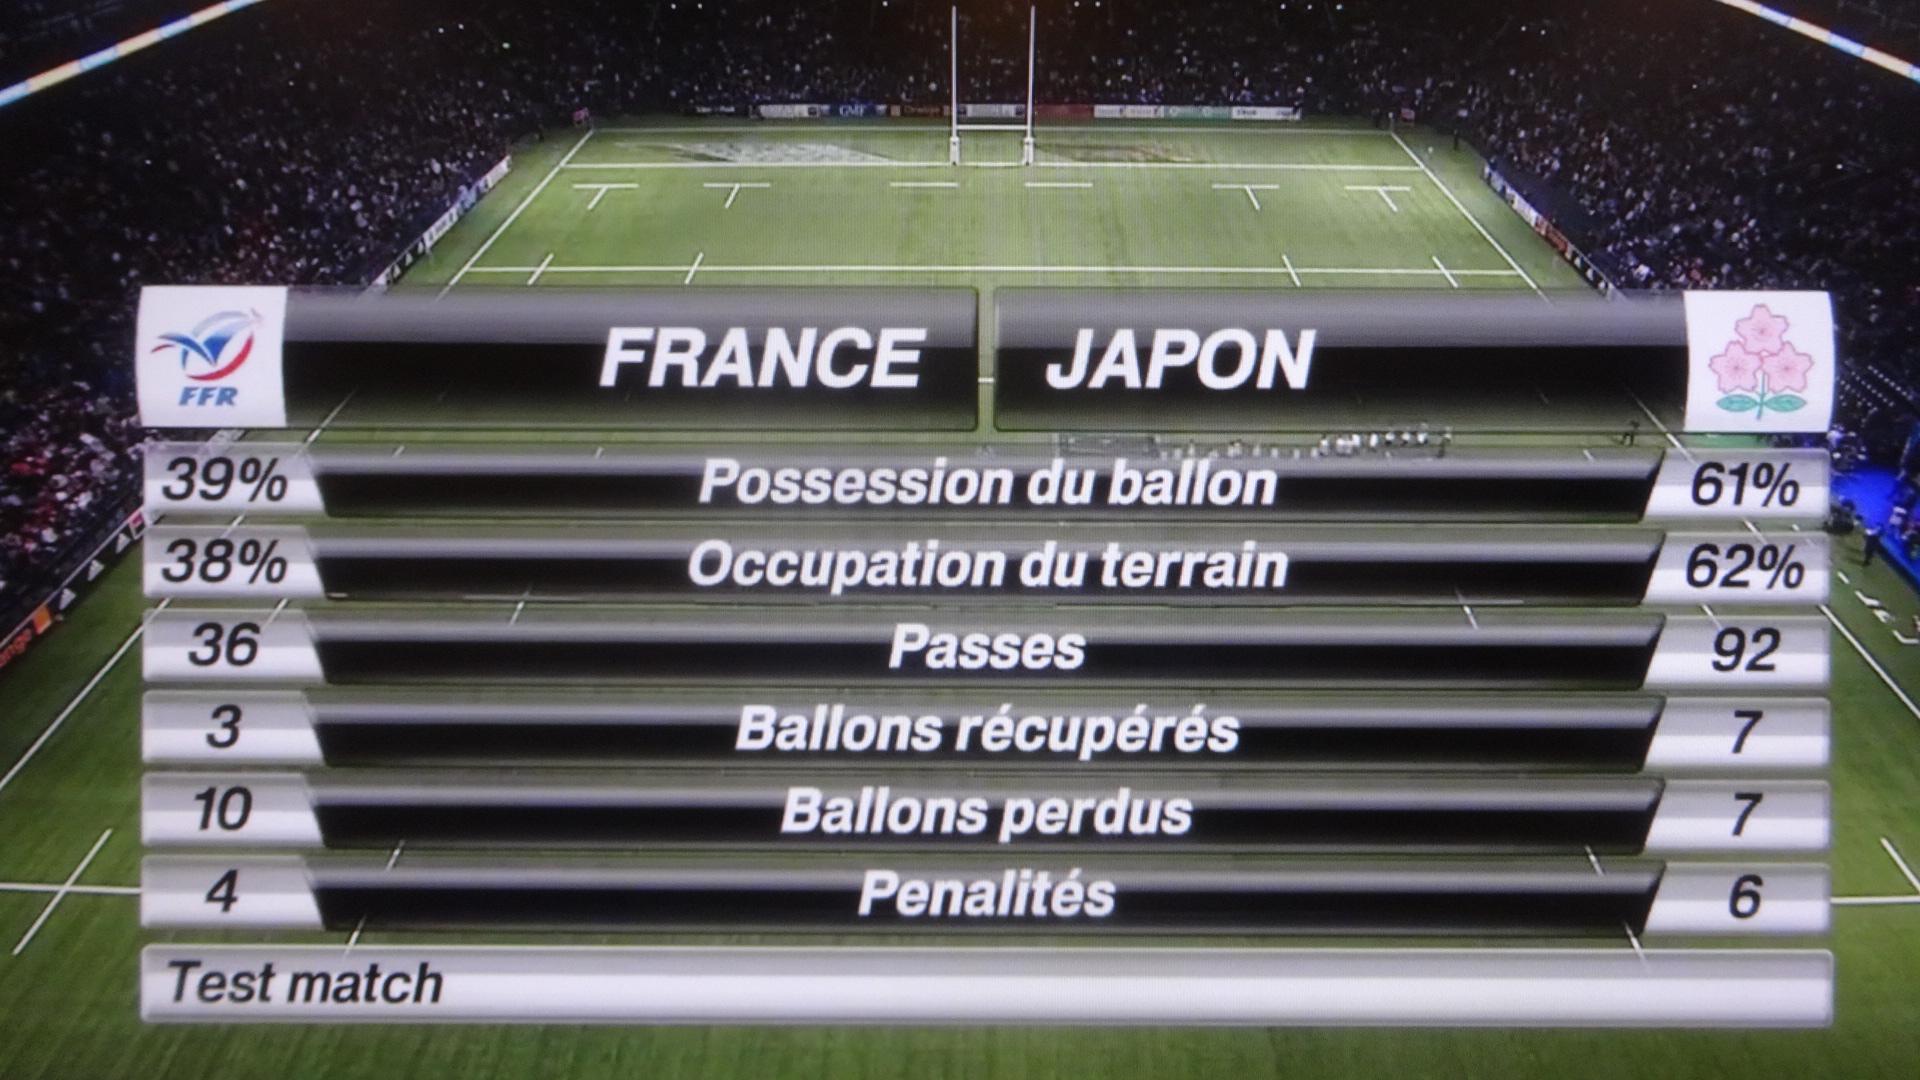 日本代表が優勢だったことを示すデータシート